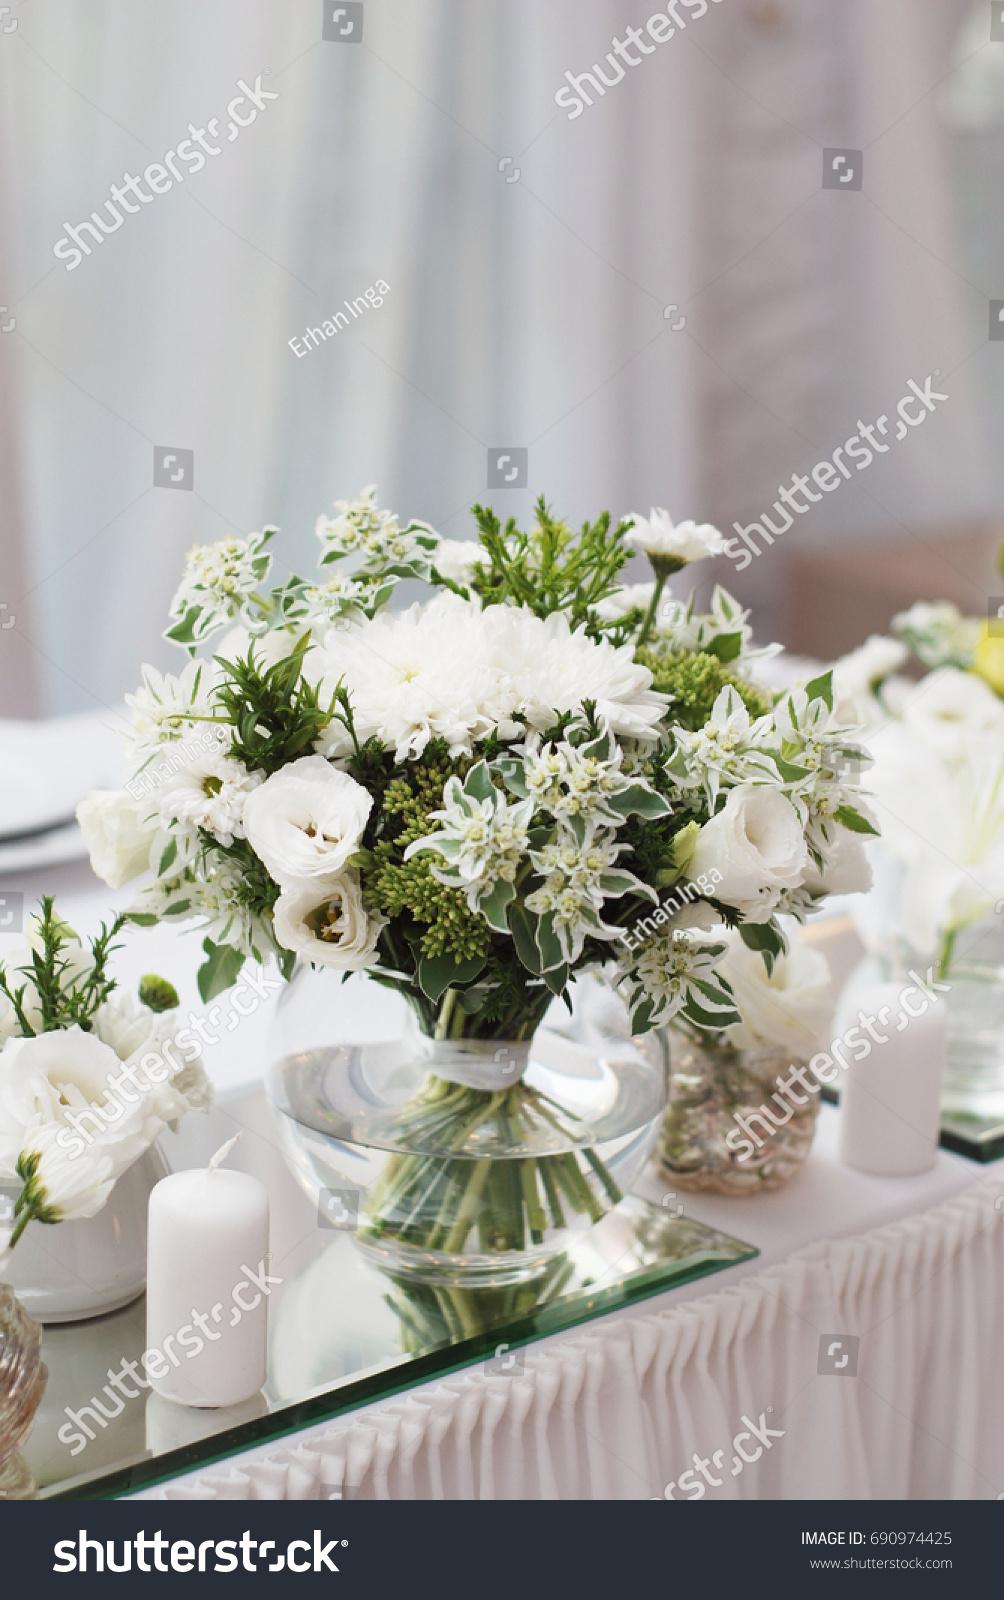 White Flower Bouquet In Glass Vase Bridal Table Ez Canvas